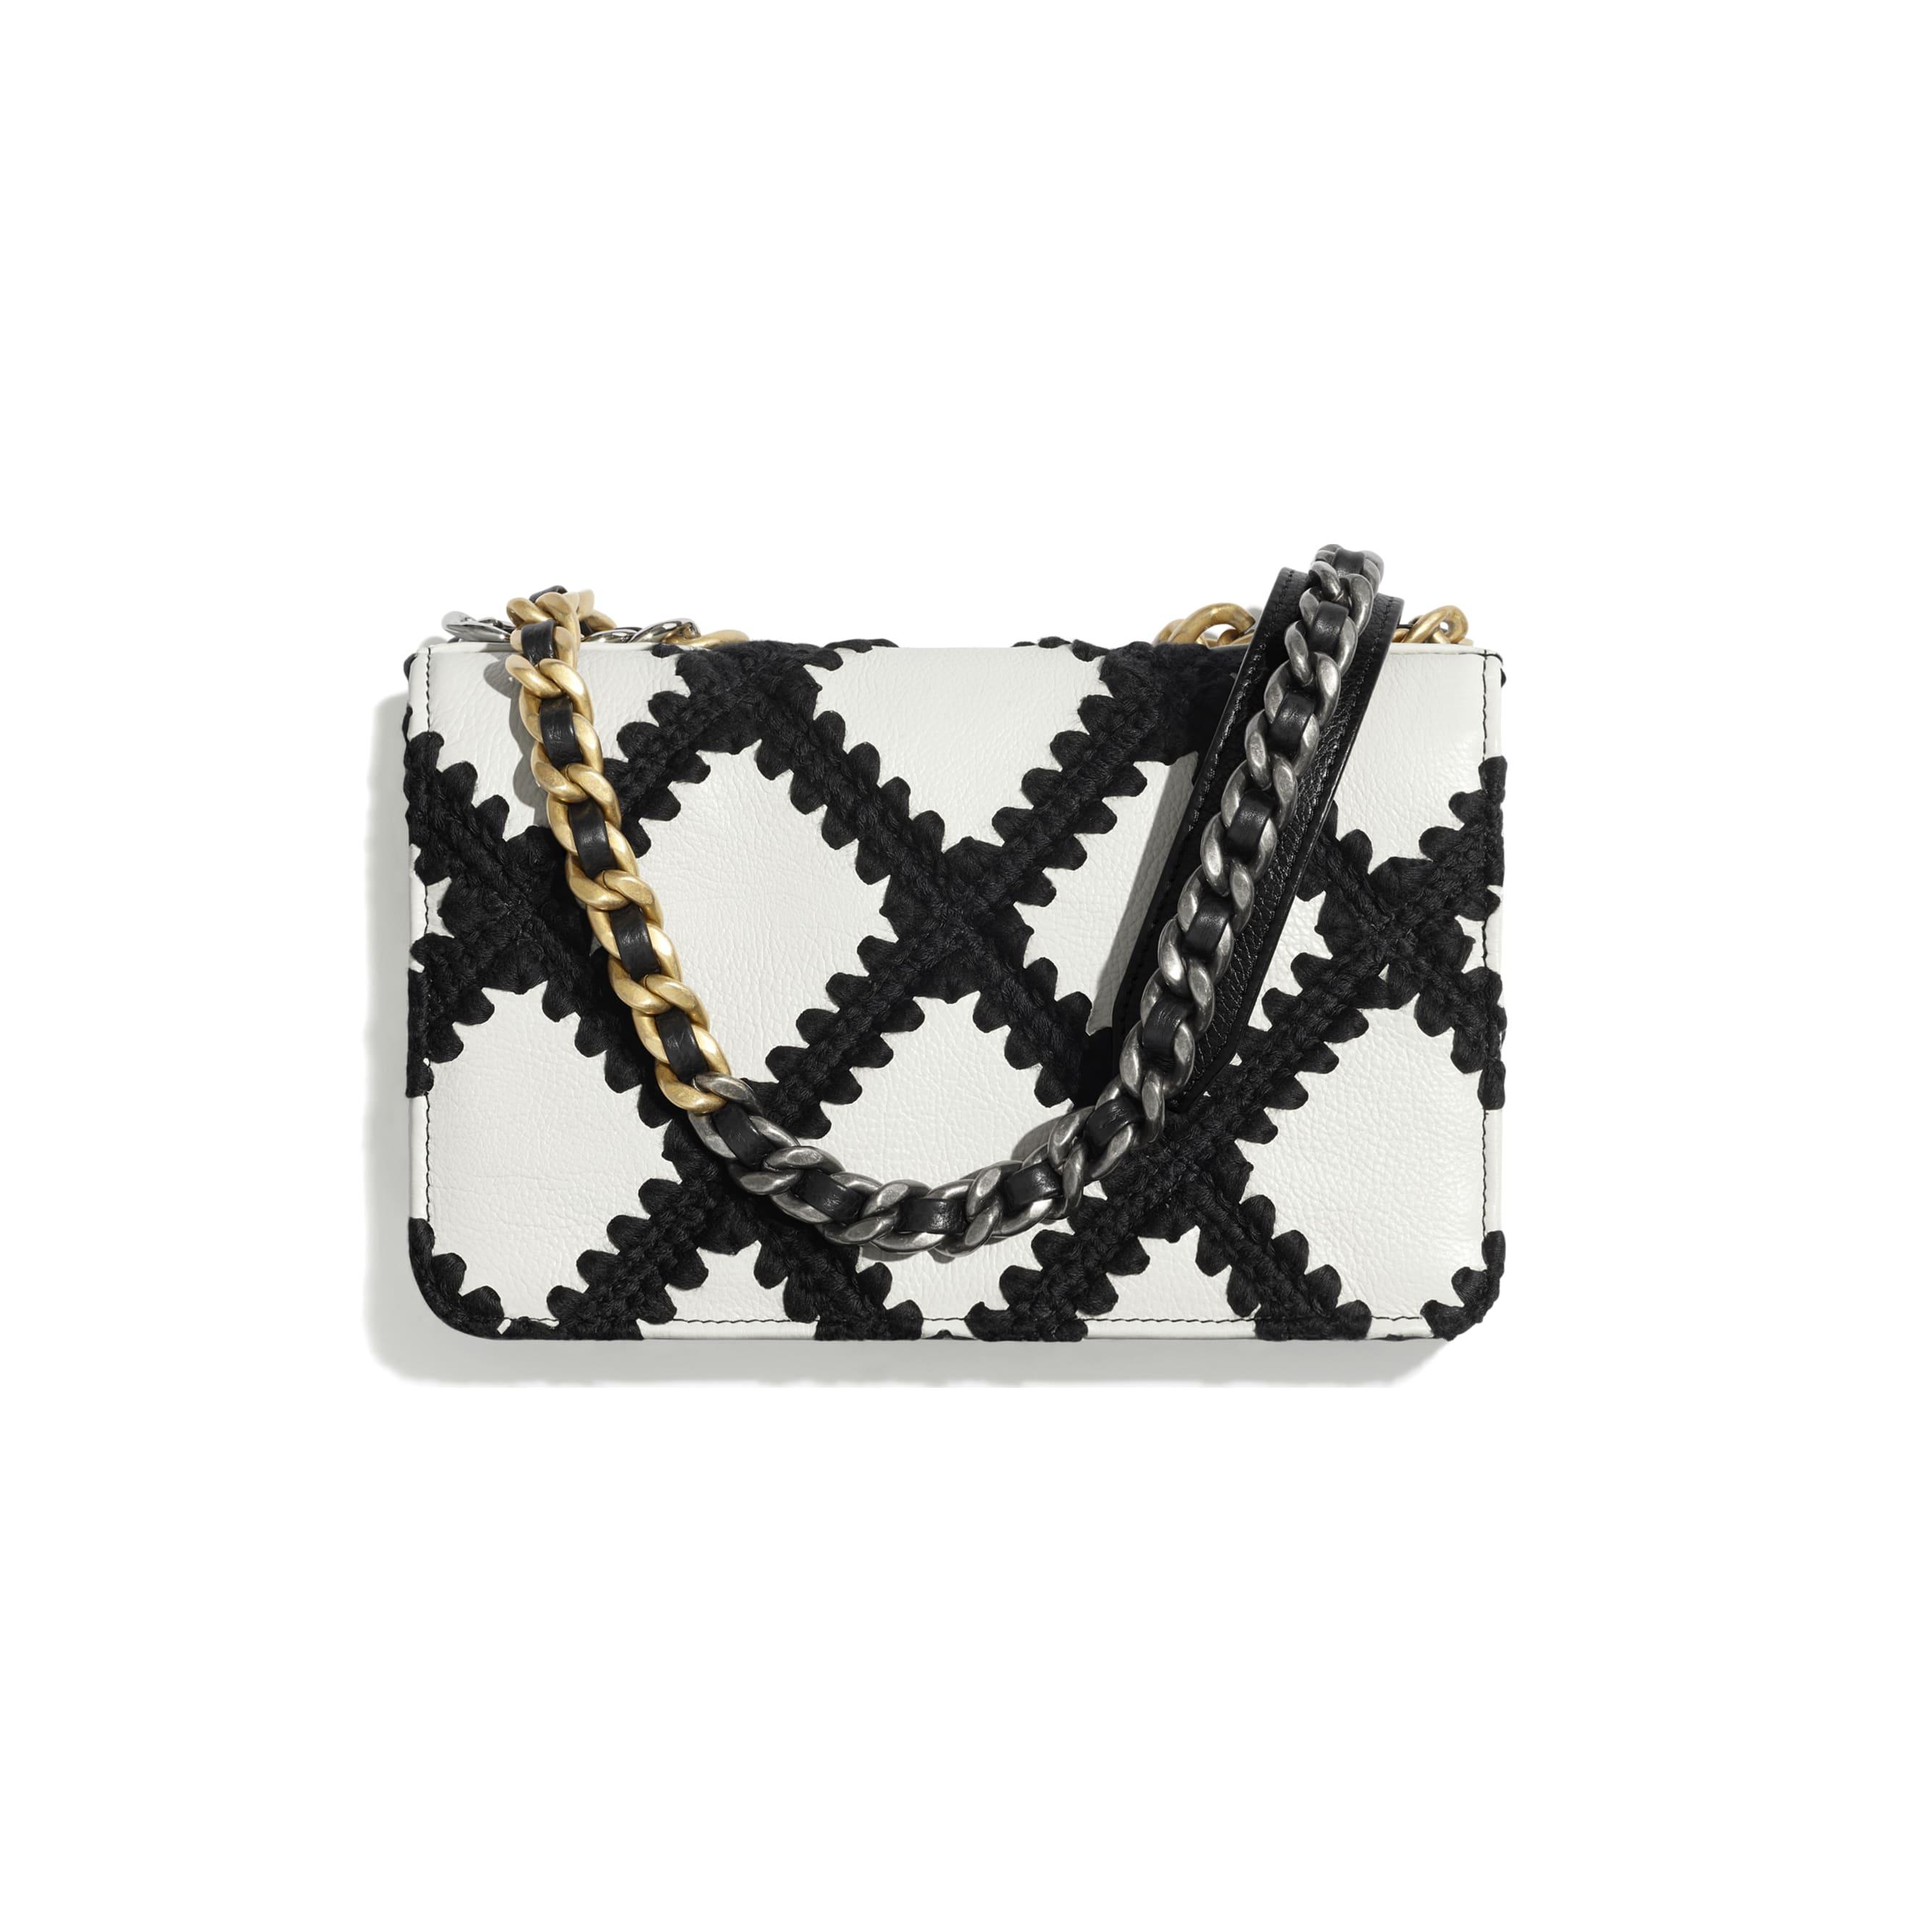 Carteira com corrente CHANEL 19 - White & Black - Calfskin, Crochet, Gold-Tone, Silver-Tone & Ruthenium-Finish Metal - CHANEL - Vista alternativa - ver a versão em tamanho standard